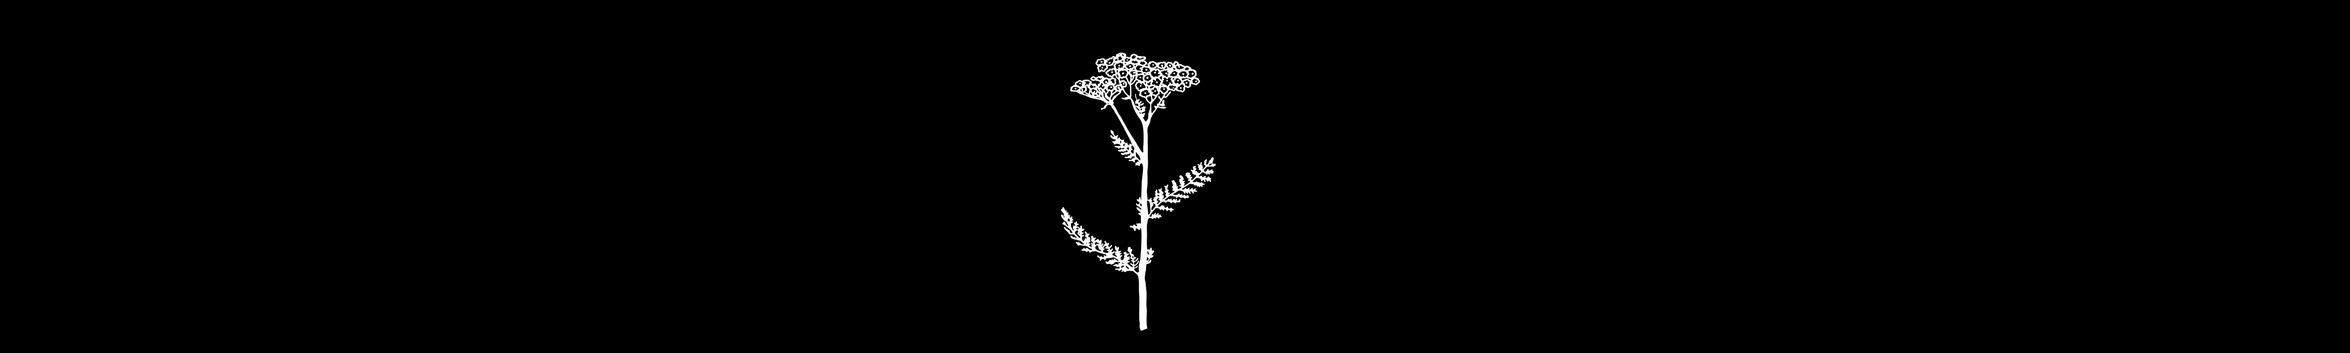 Valhalla herb - Achillea millefolium